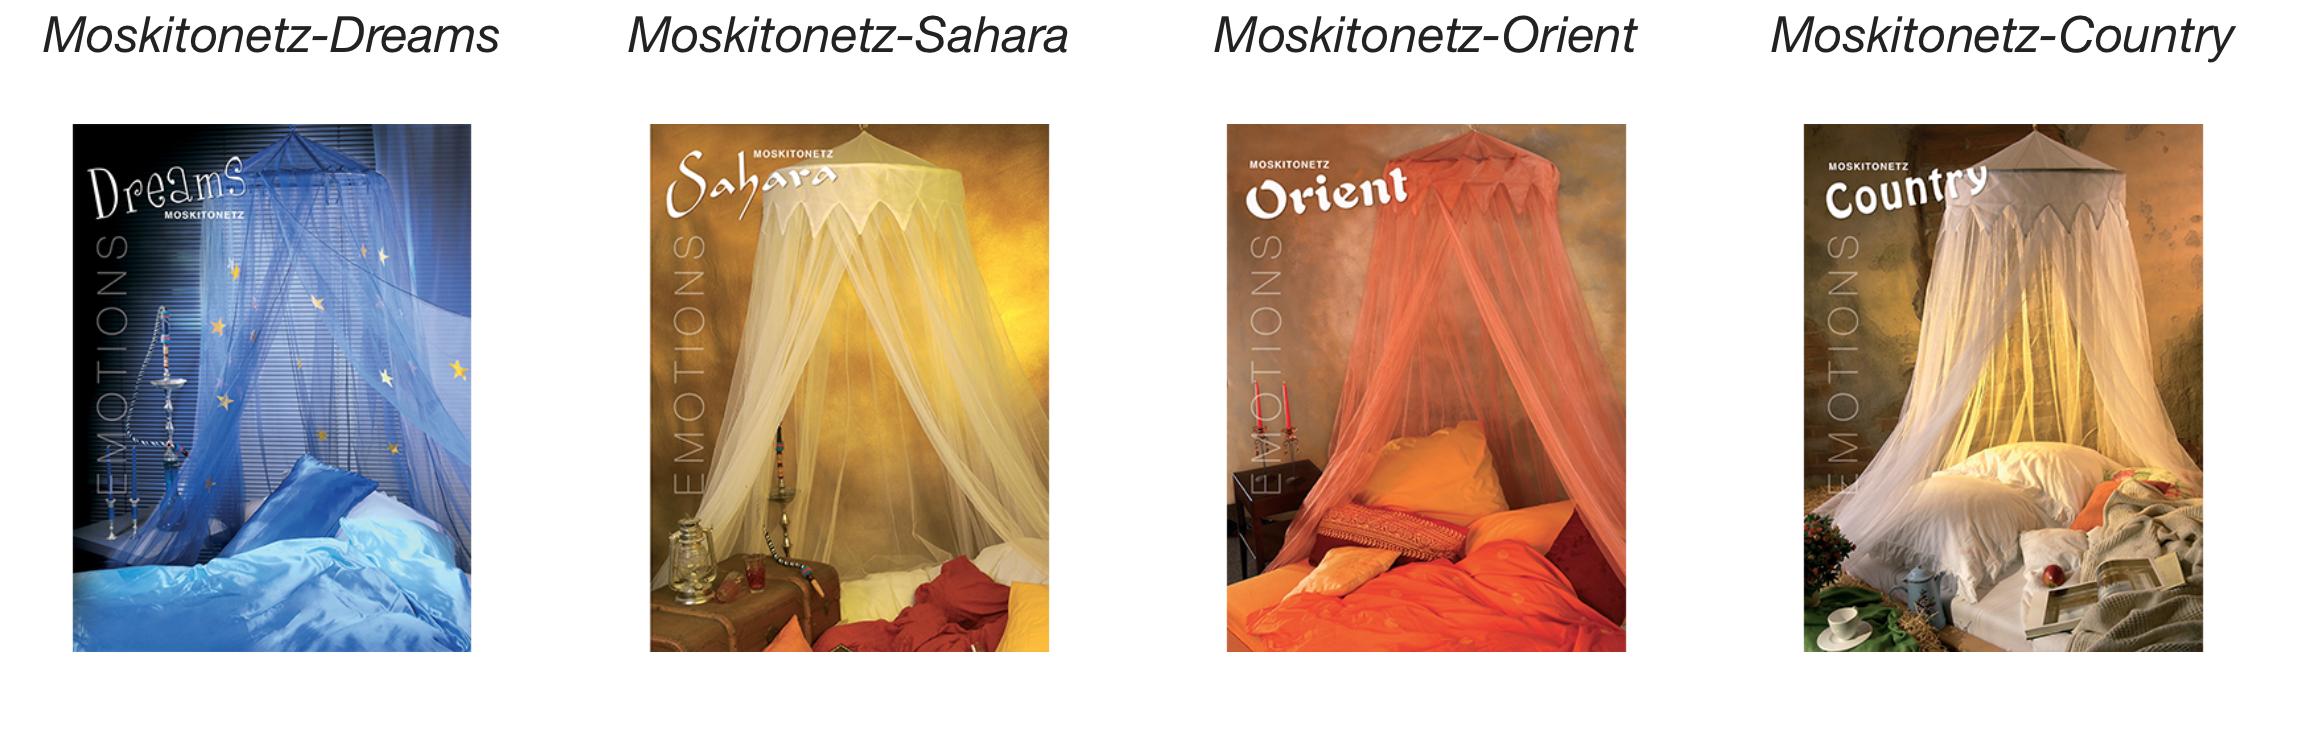 Moskitonetz-easylife-Emotions